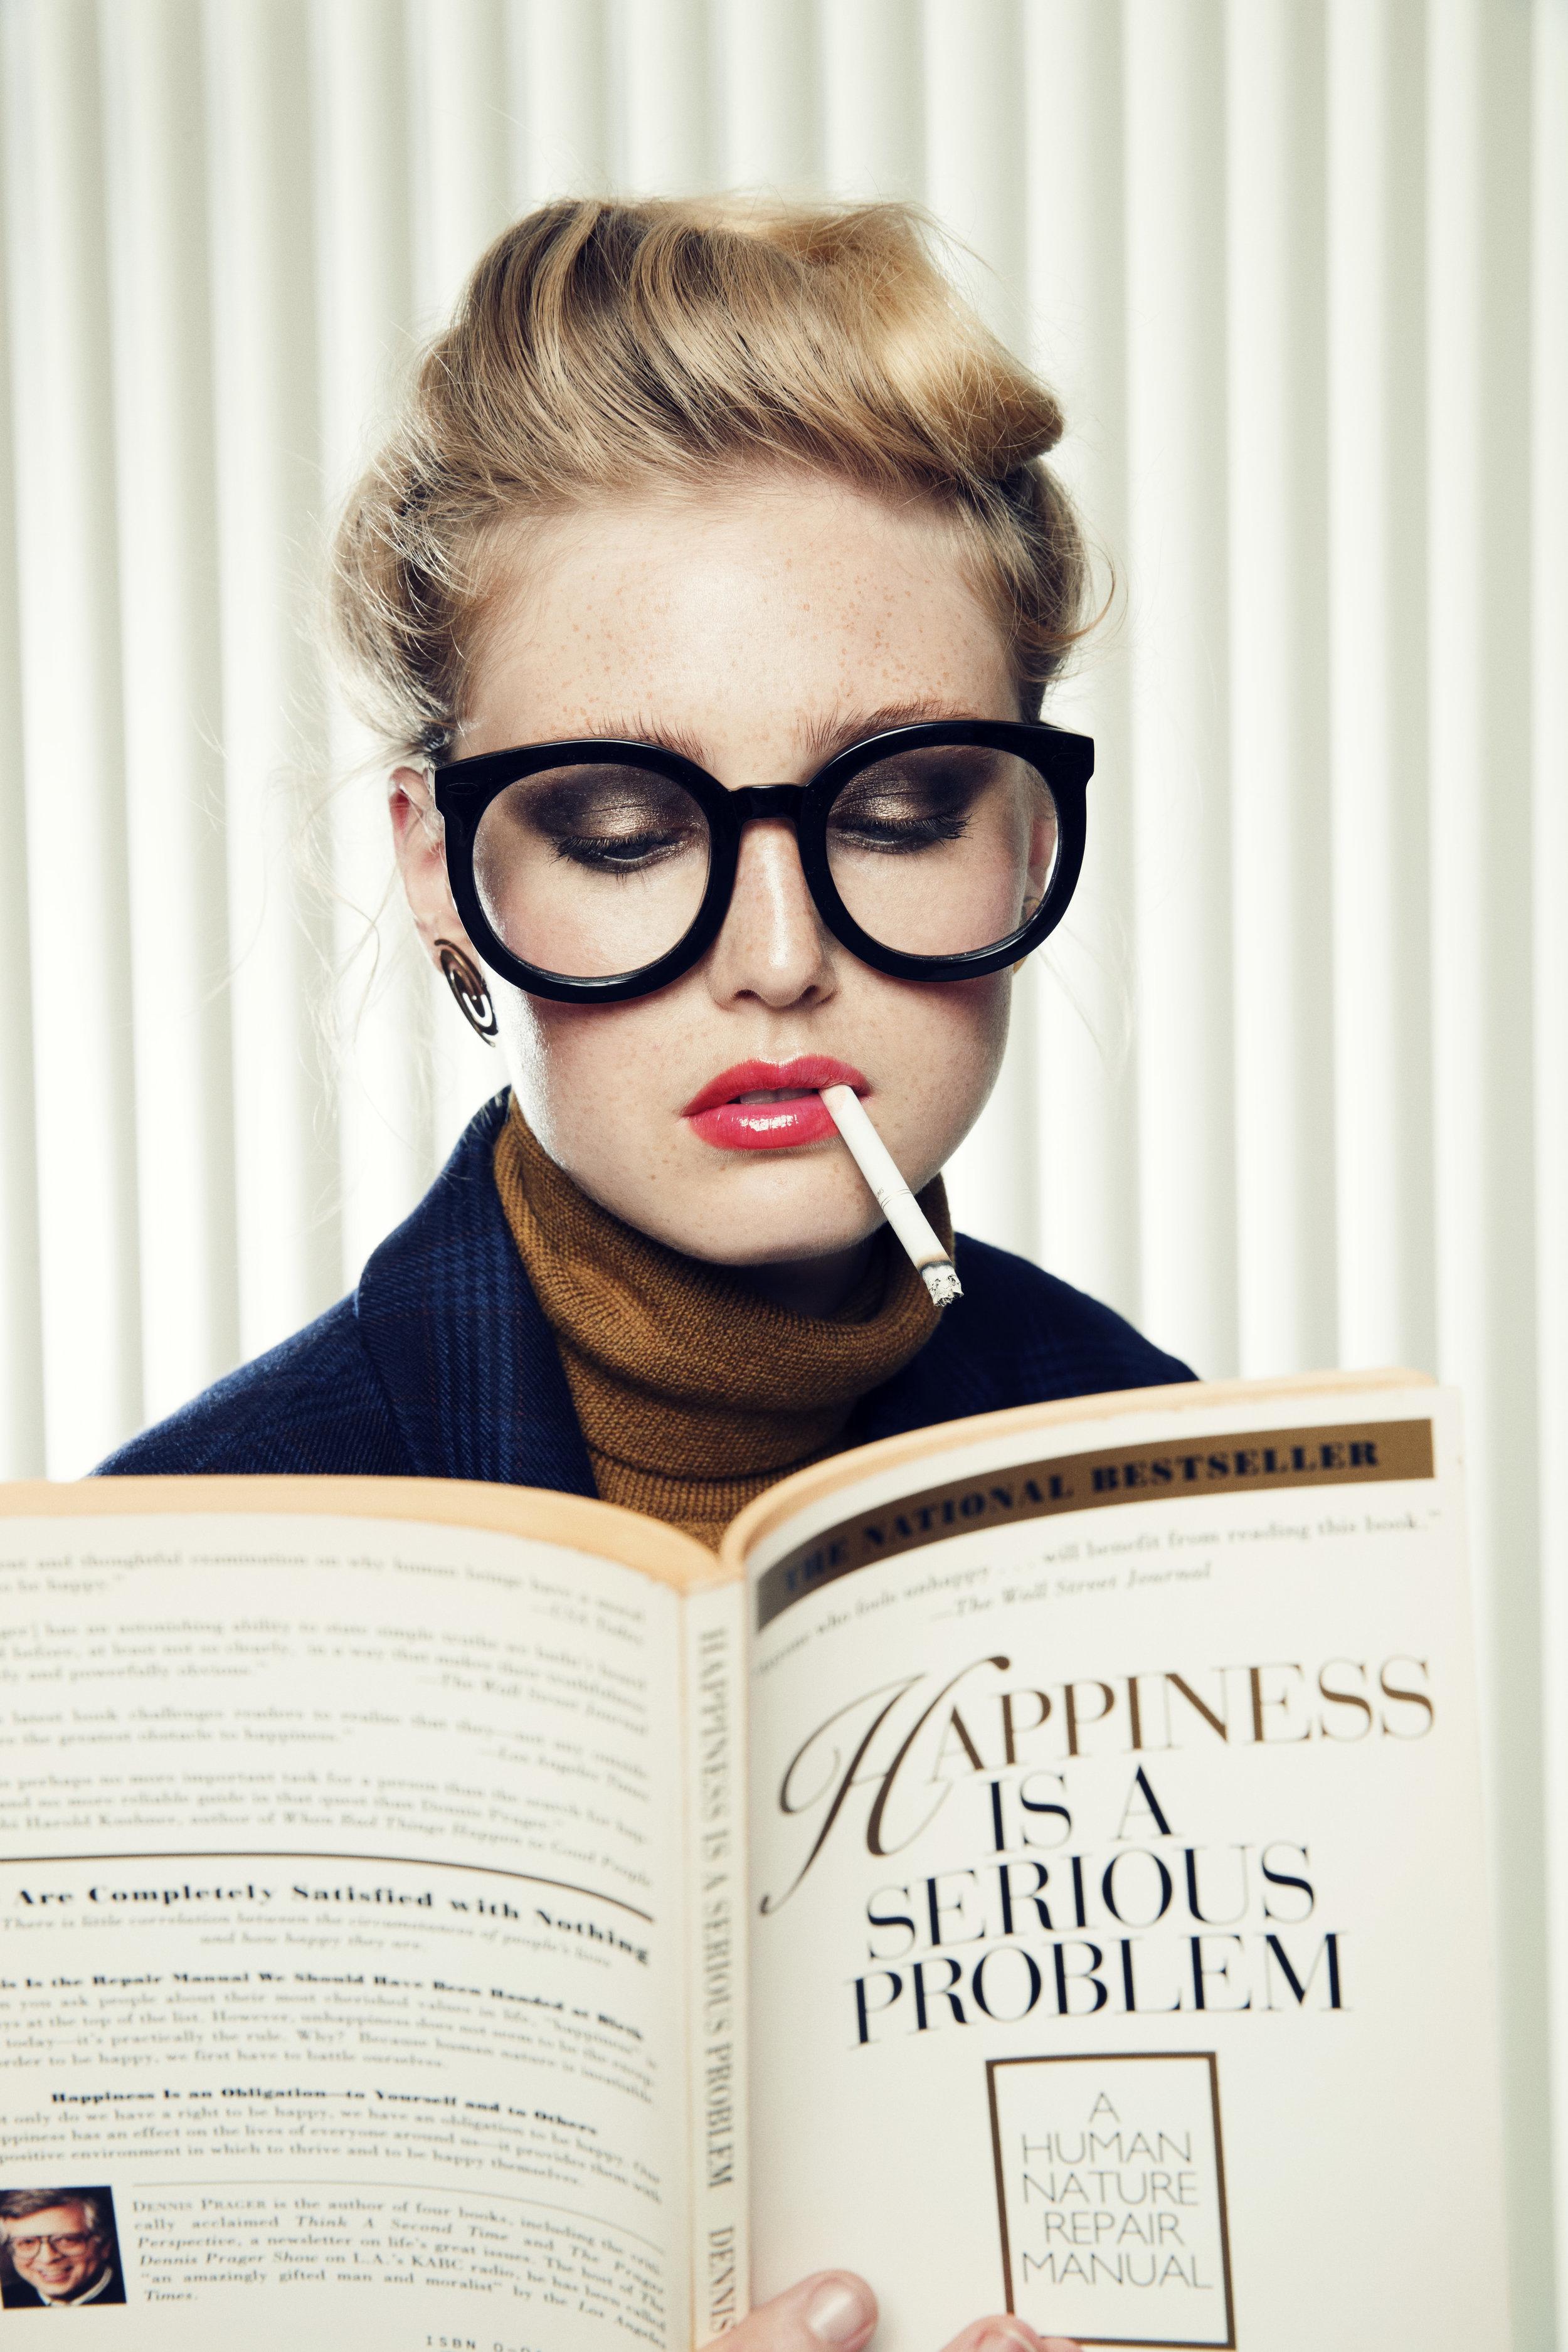 Bookworm_Self-Help_246.jpg